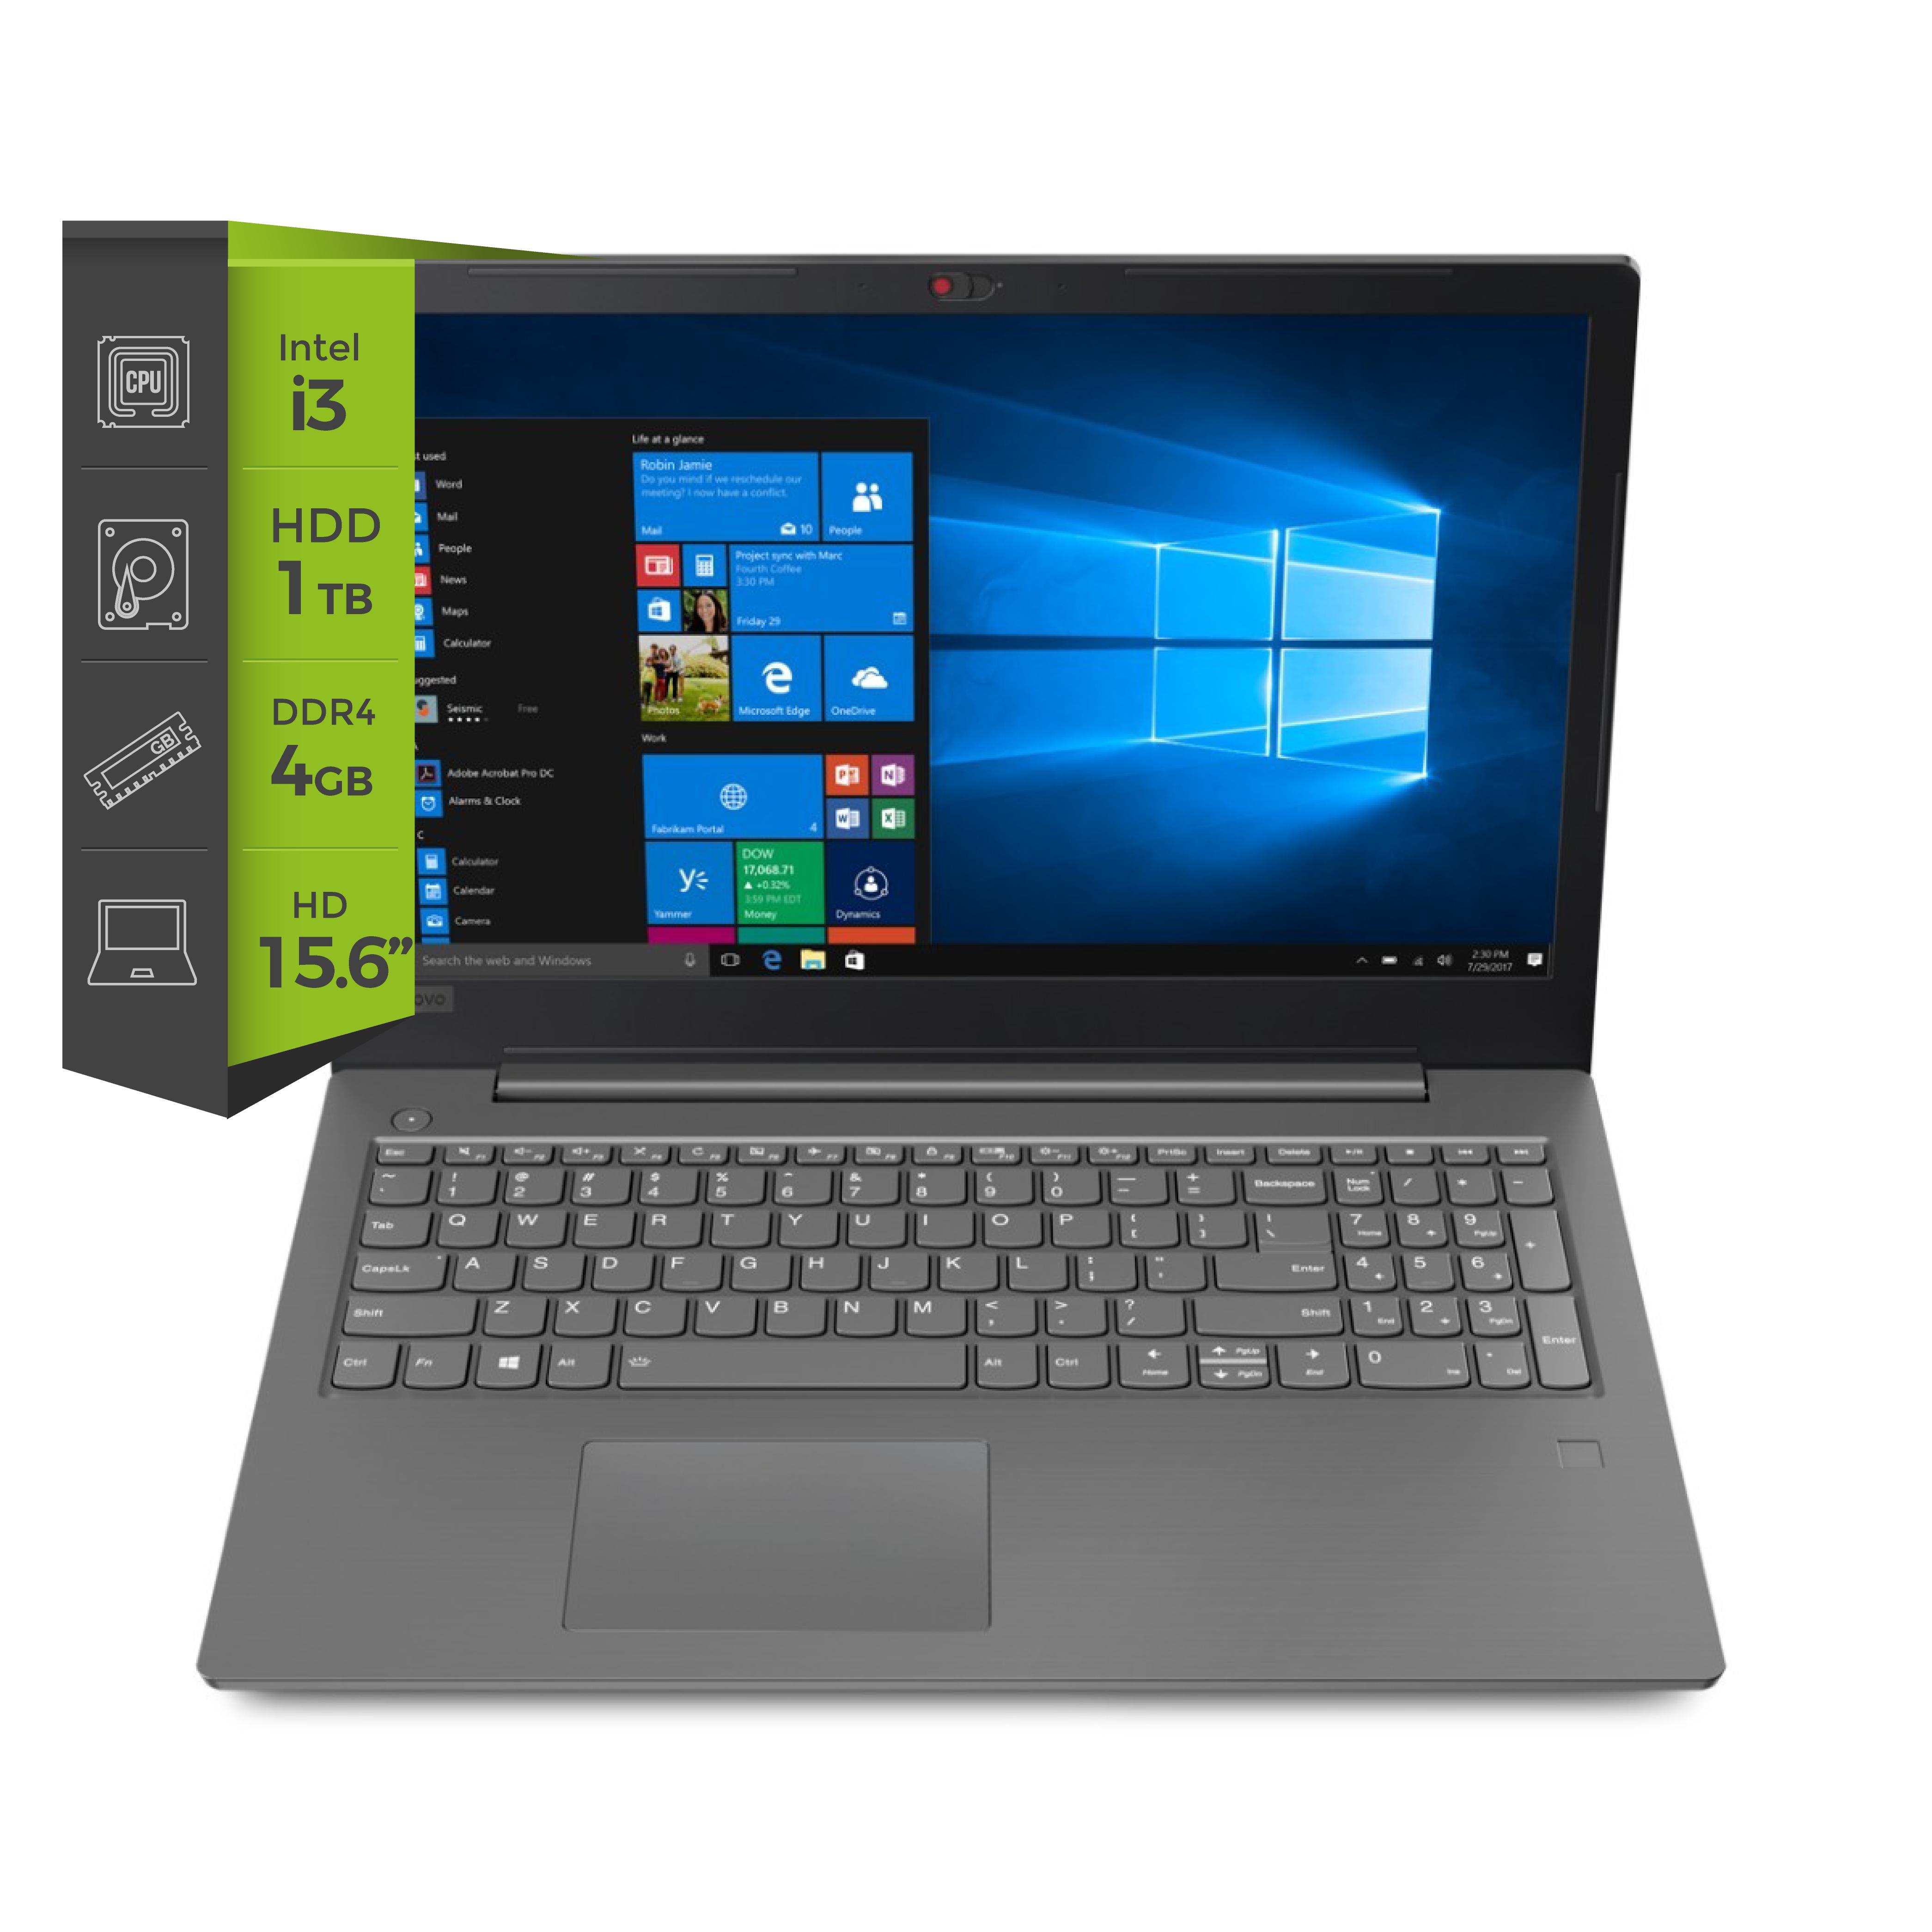 Notebook Lenovo V330 i3 7020u 4G 1TB 15.6 S/DVD Free